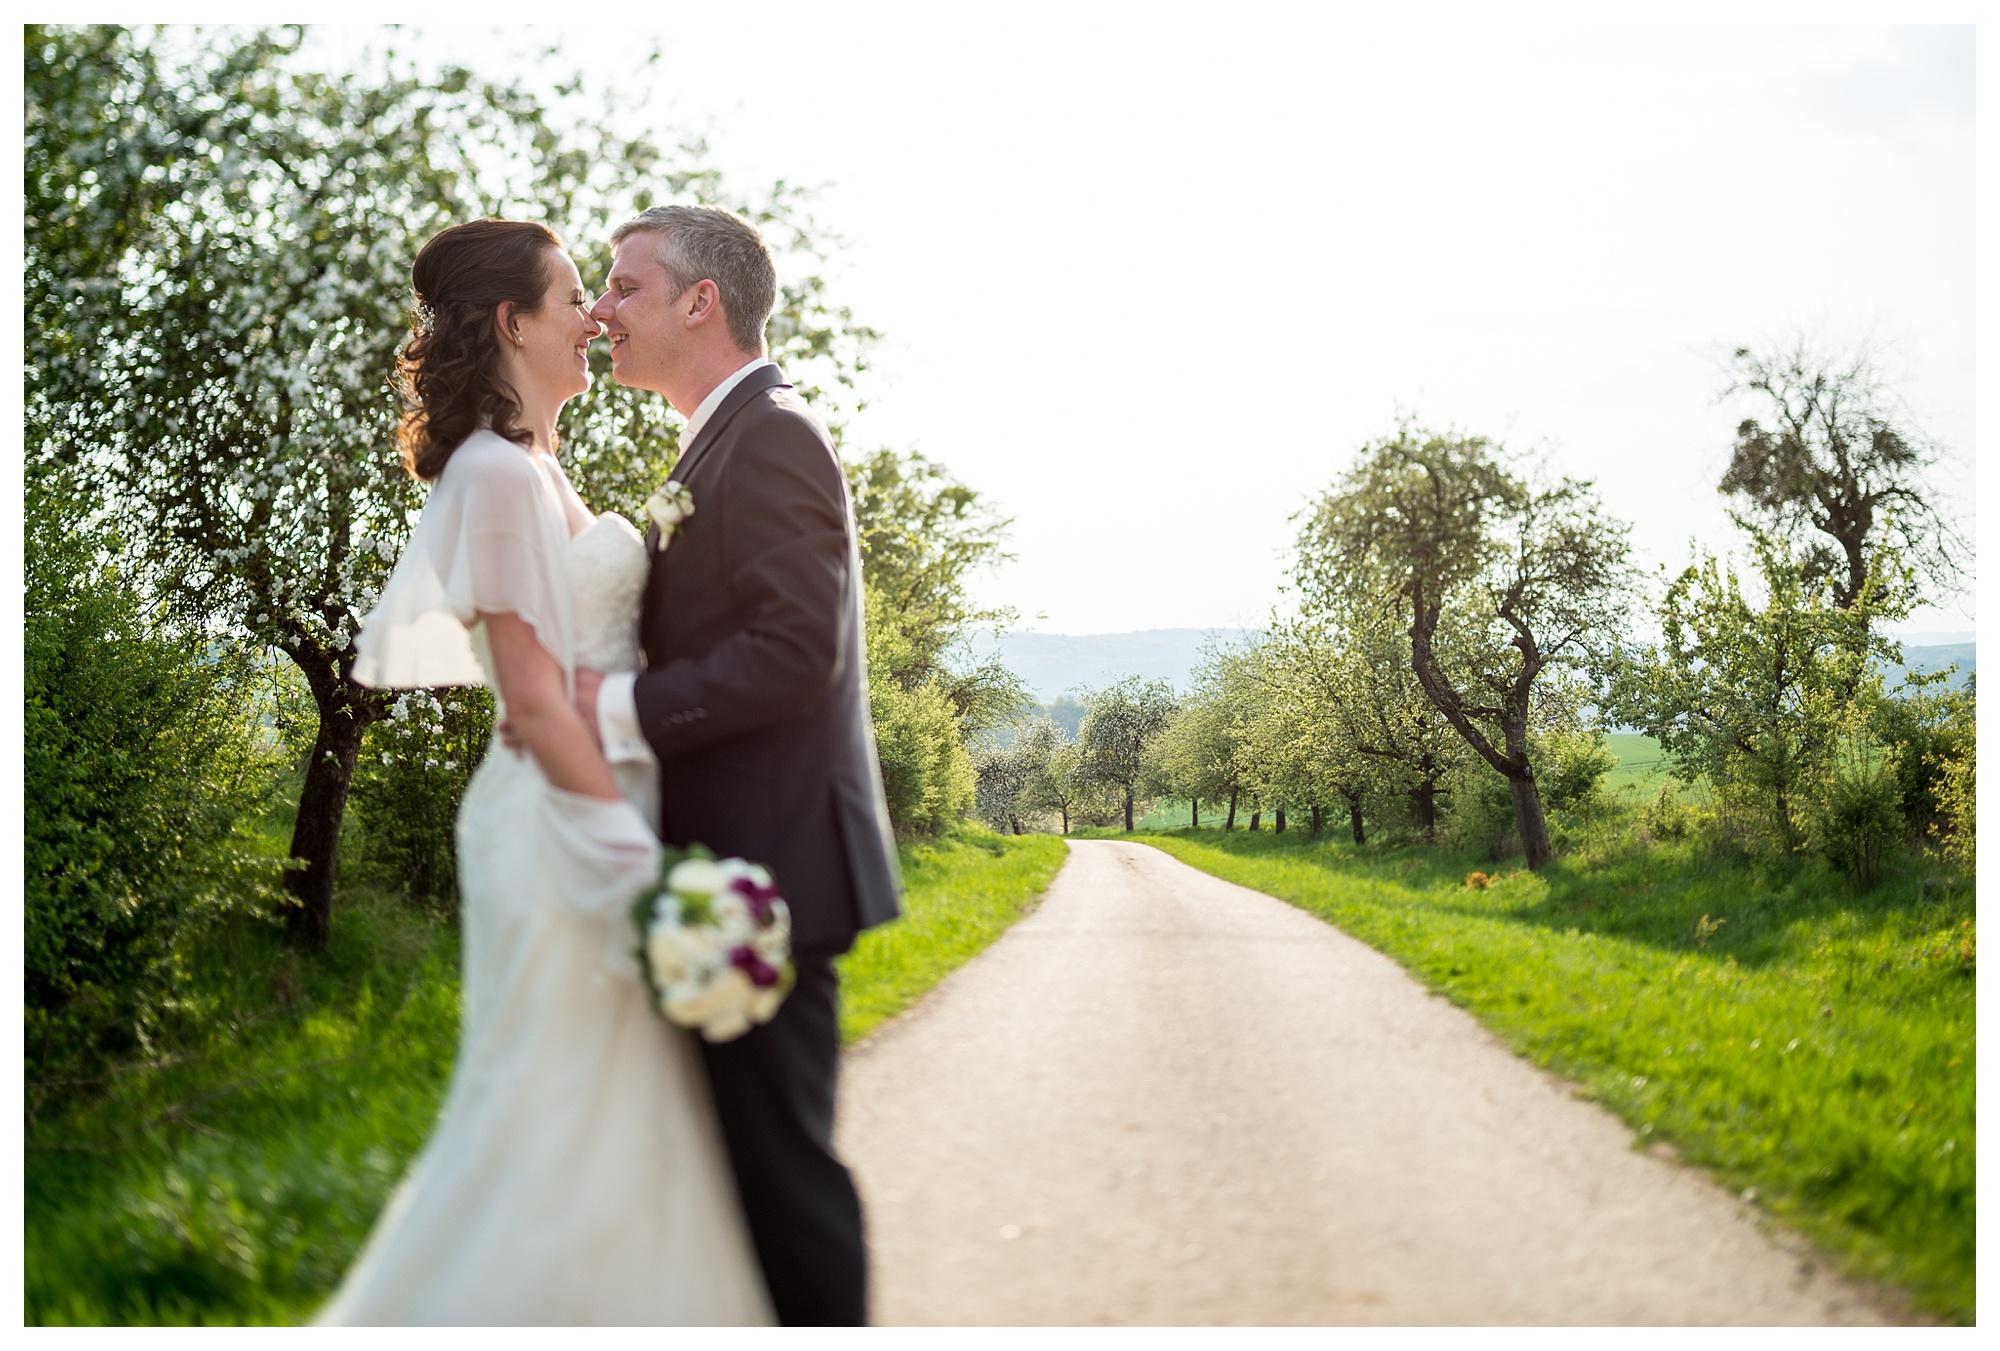 Fotograf Konstanz - Best of 2014 Elmar Feuerbacher Photography Hochzeit Portrait 022 - Rückblick auf 2014  - 27 -